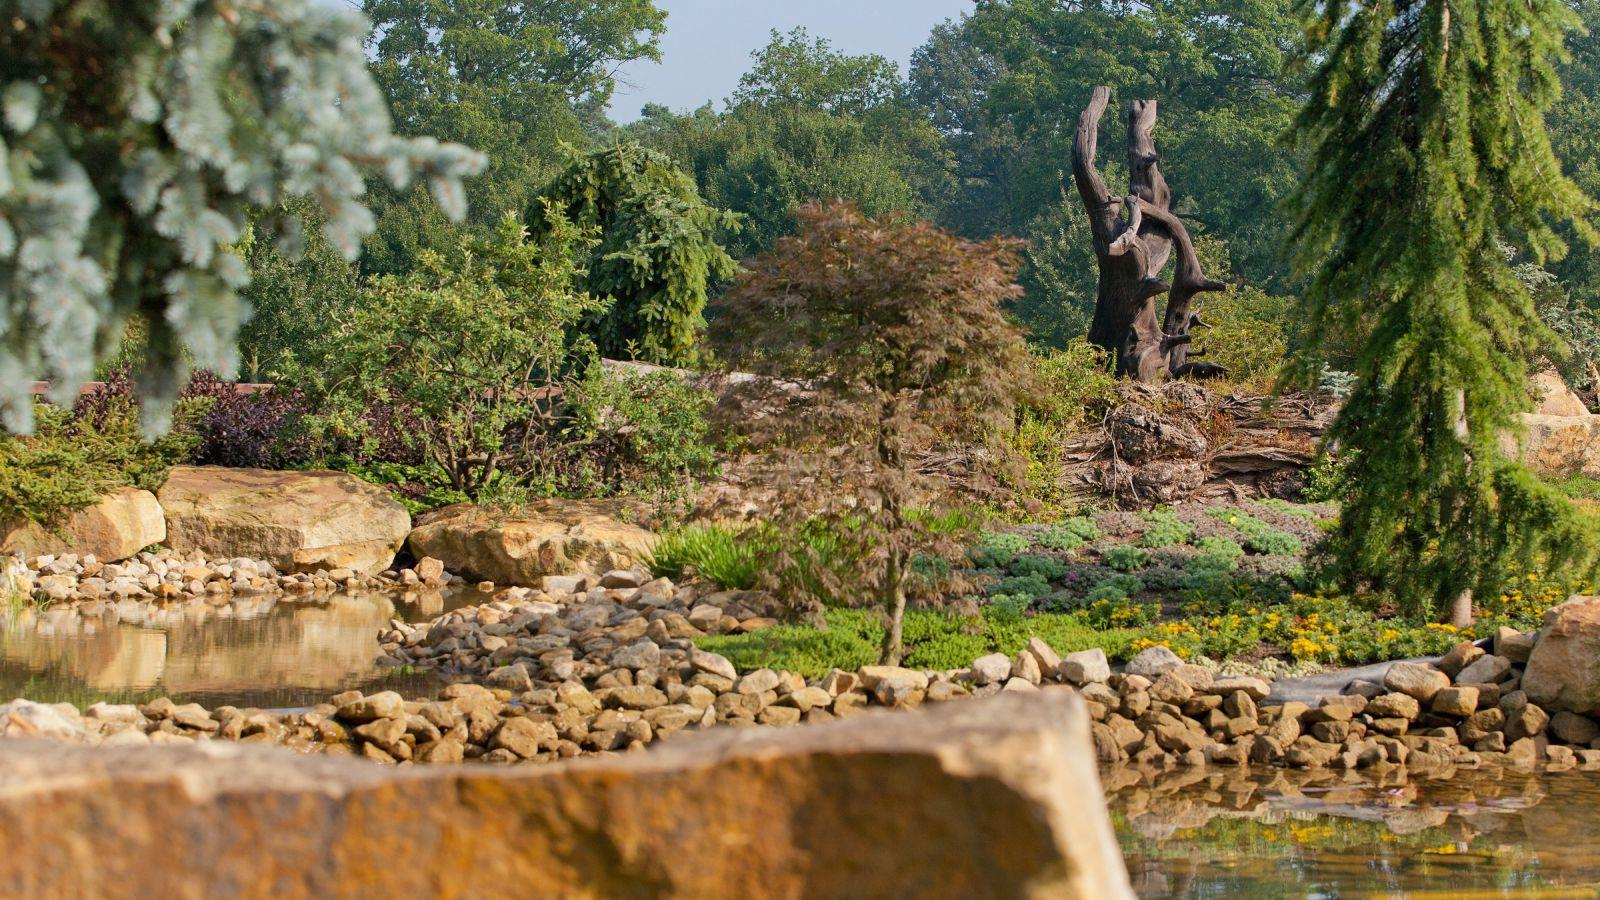 2.8 Der Traum von der Ferne wird Wirklichkeit - Prärie-Landschaftsgarten in Varsseveld (NL)